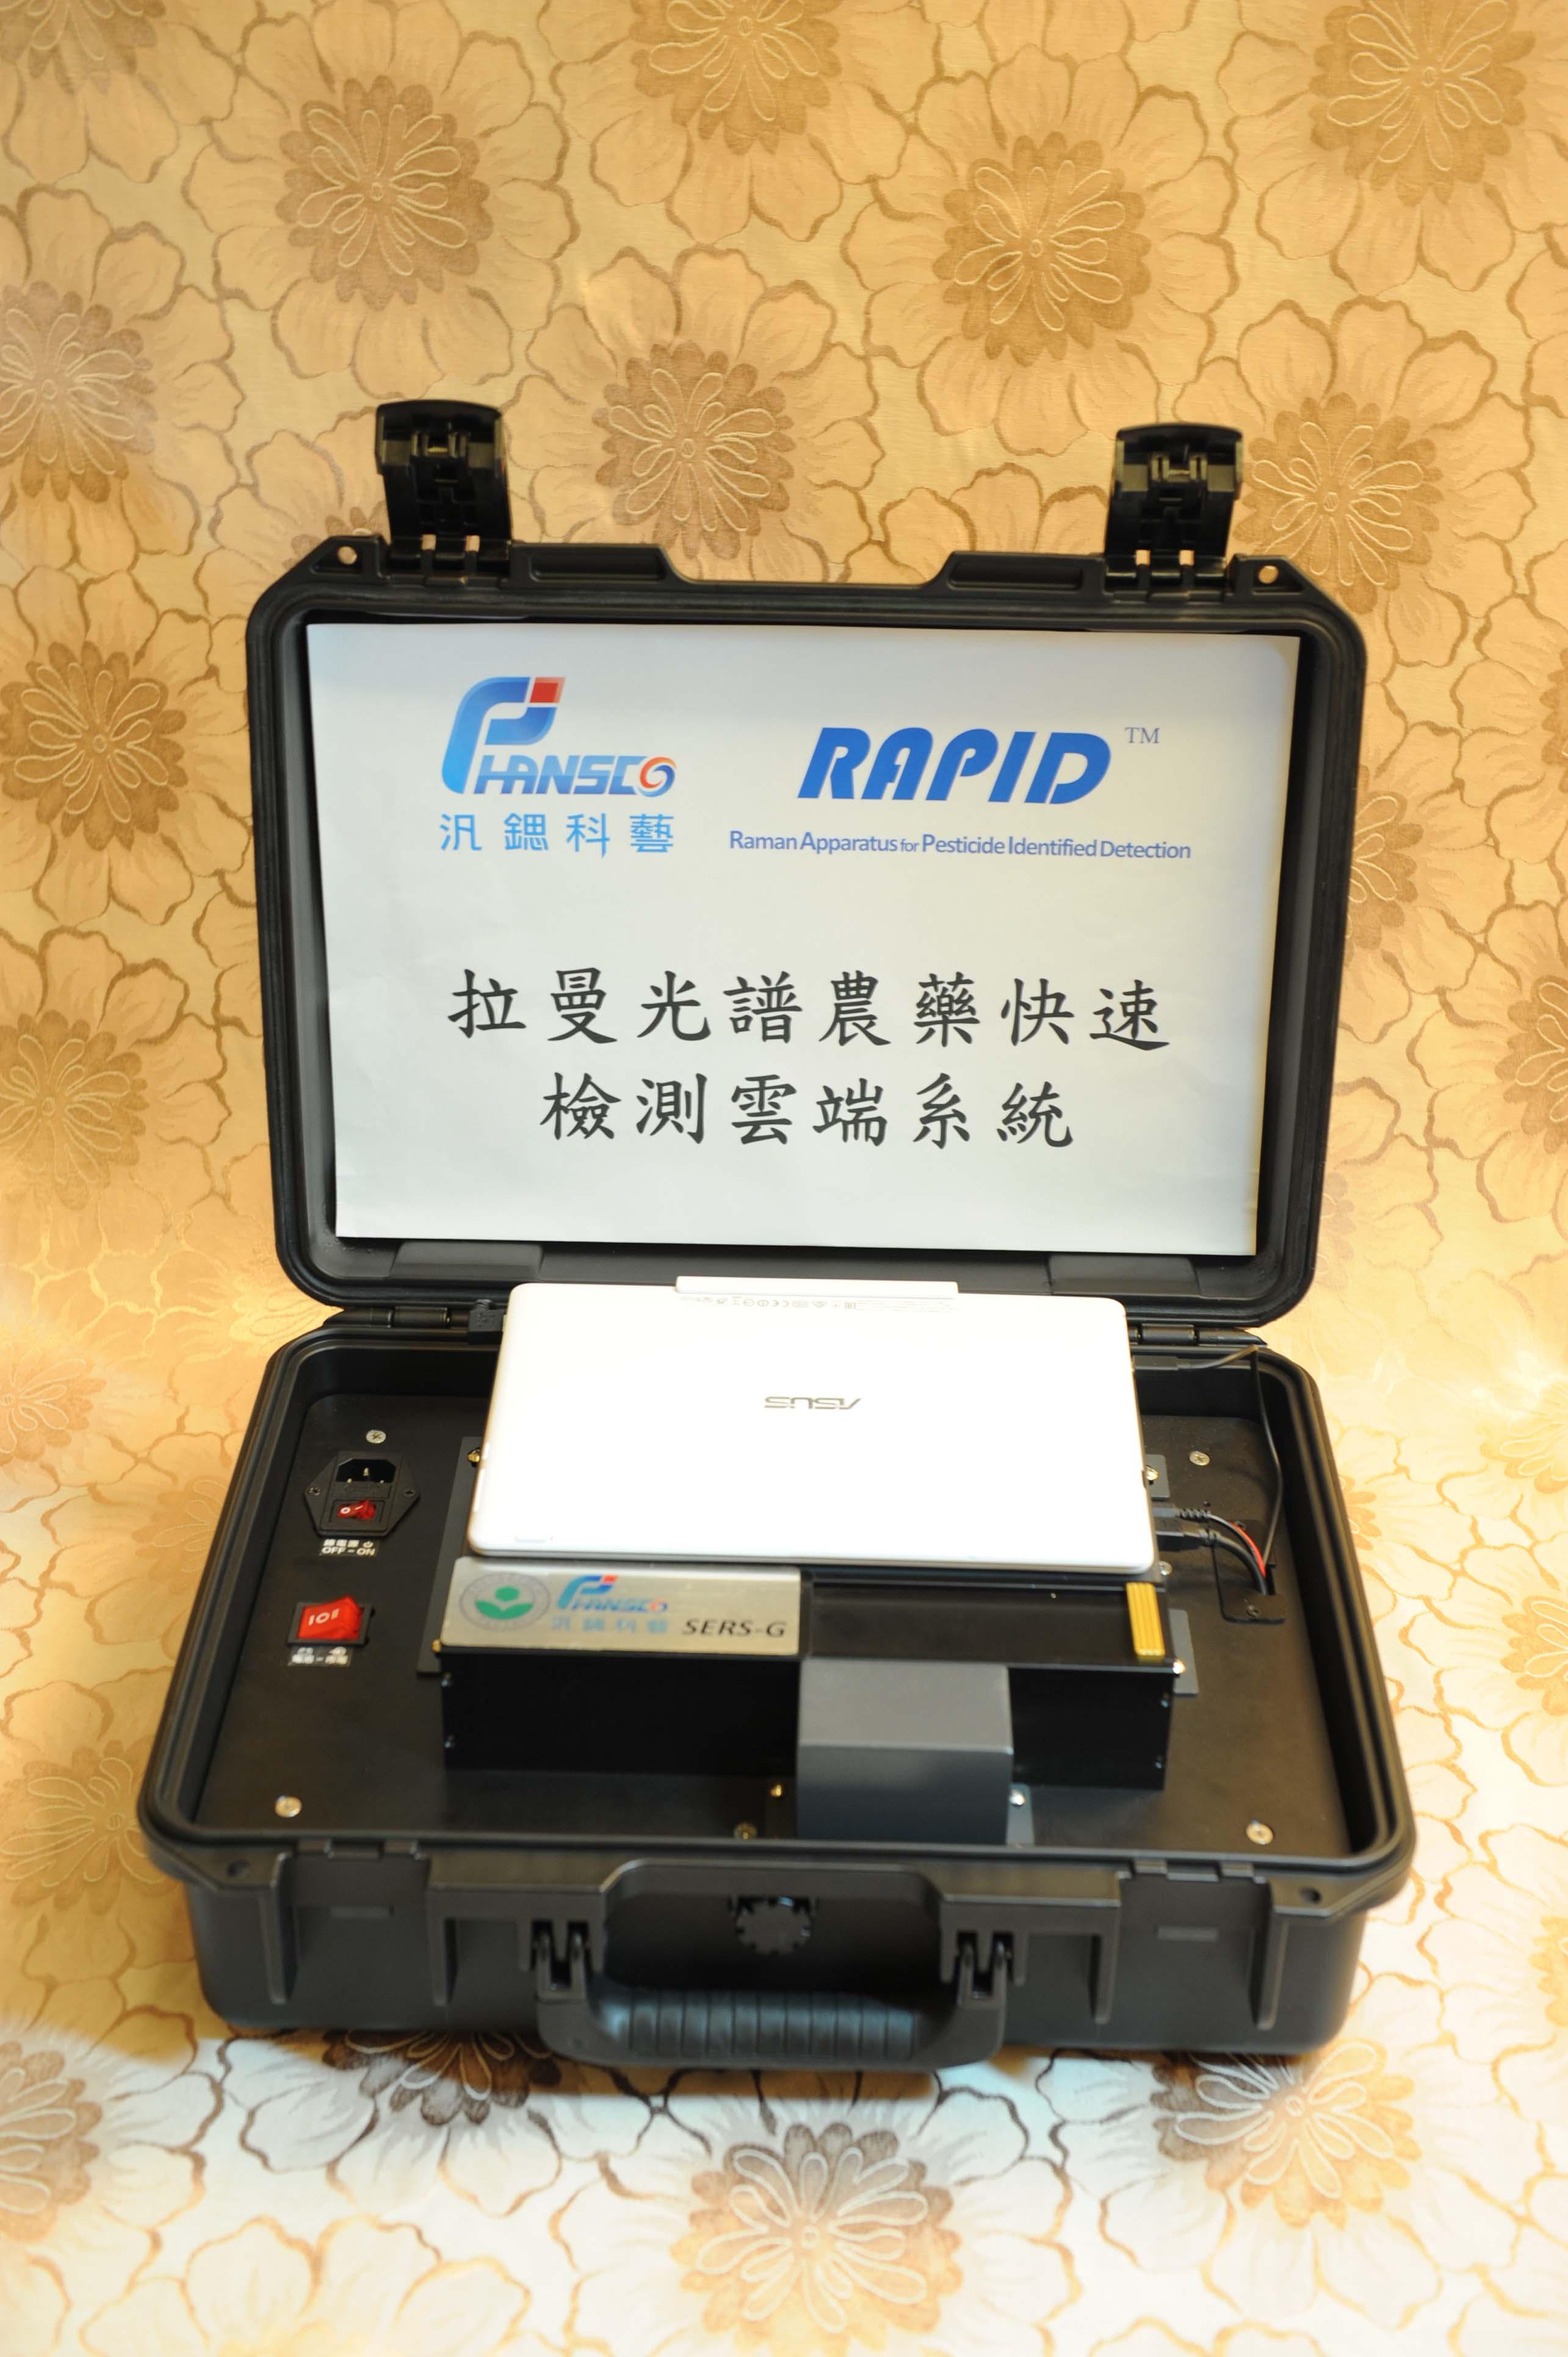 汎鍶科藝拉曼光譜農藥檢測系統,以雲端架構圖譜資料管理平台,即時取得檢測結果